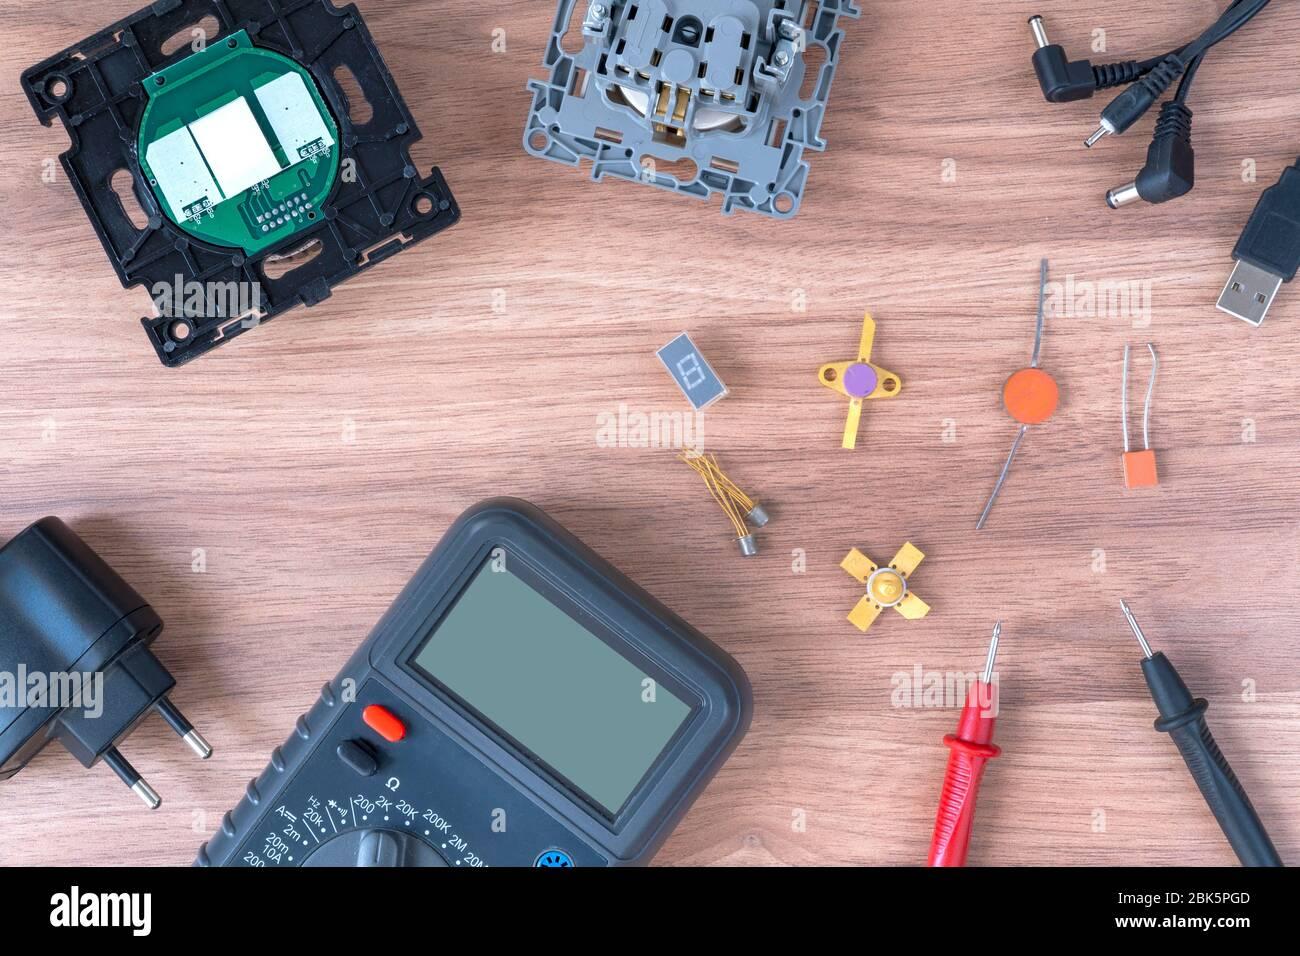 Multímetro y cables de alimentación. Realización de pruebas y medidas eléctricas. Reparación electrónica. Foto de stock